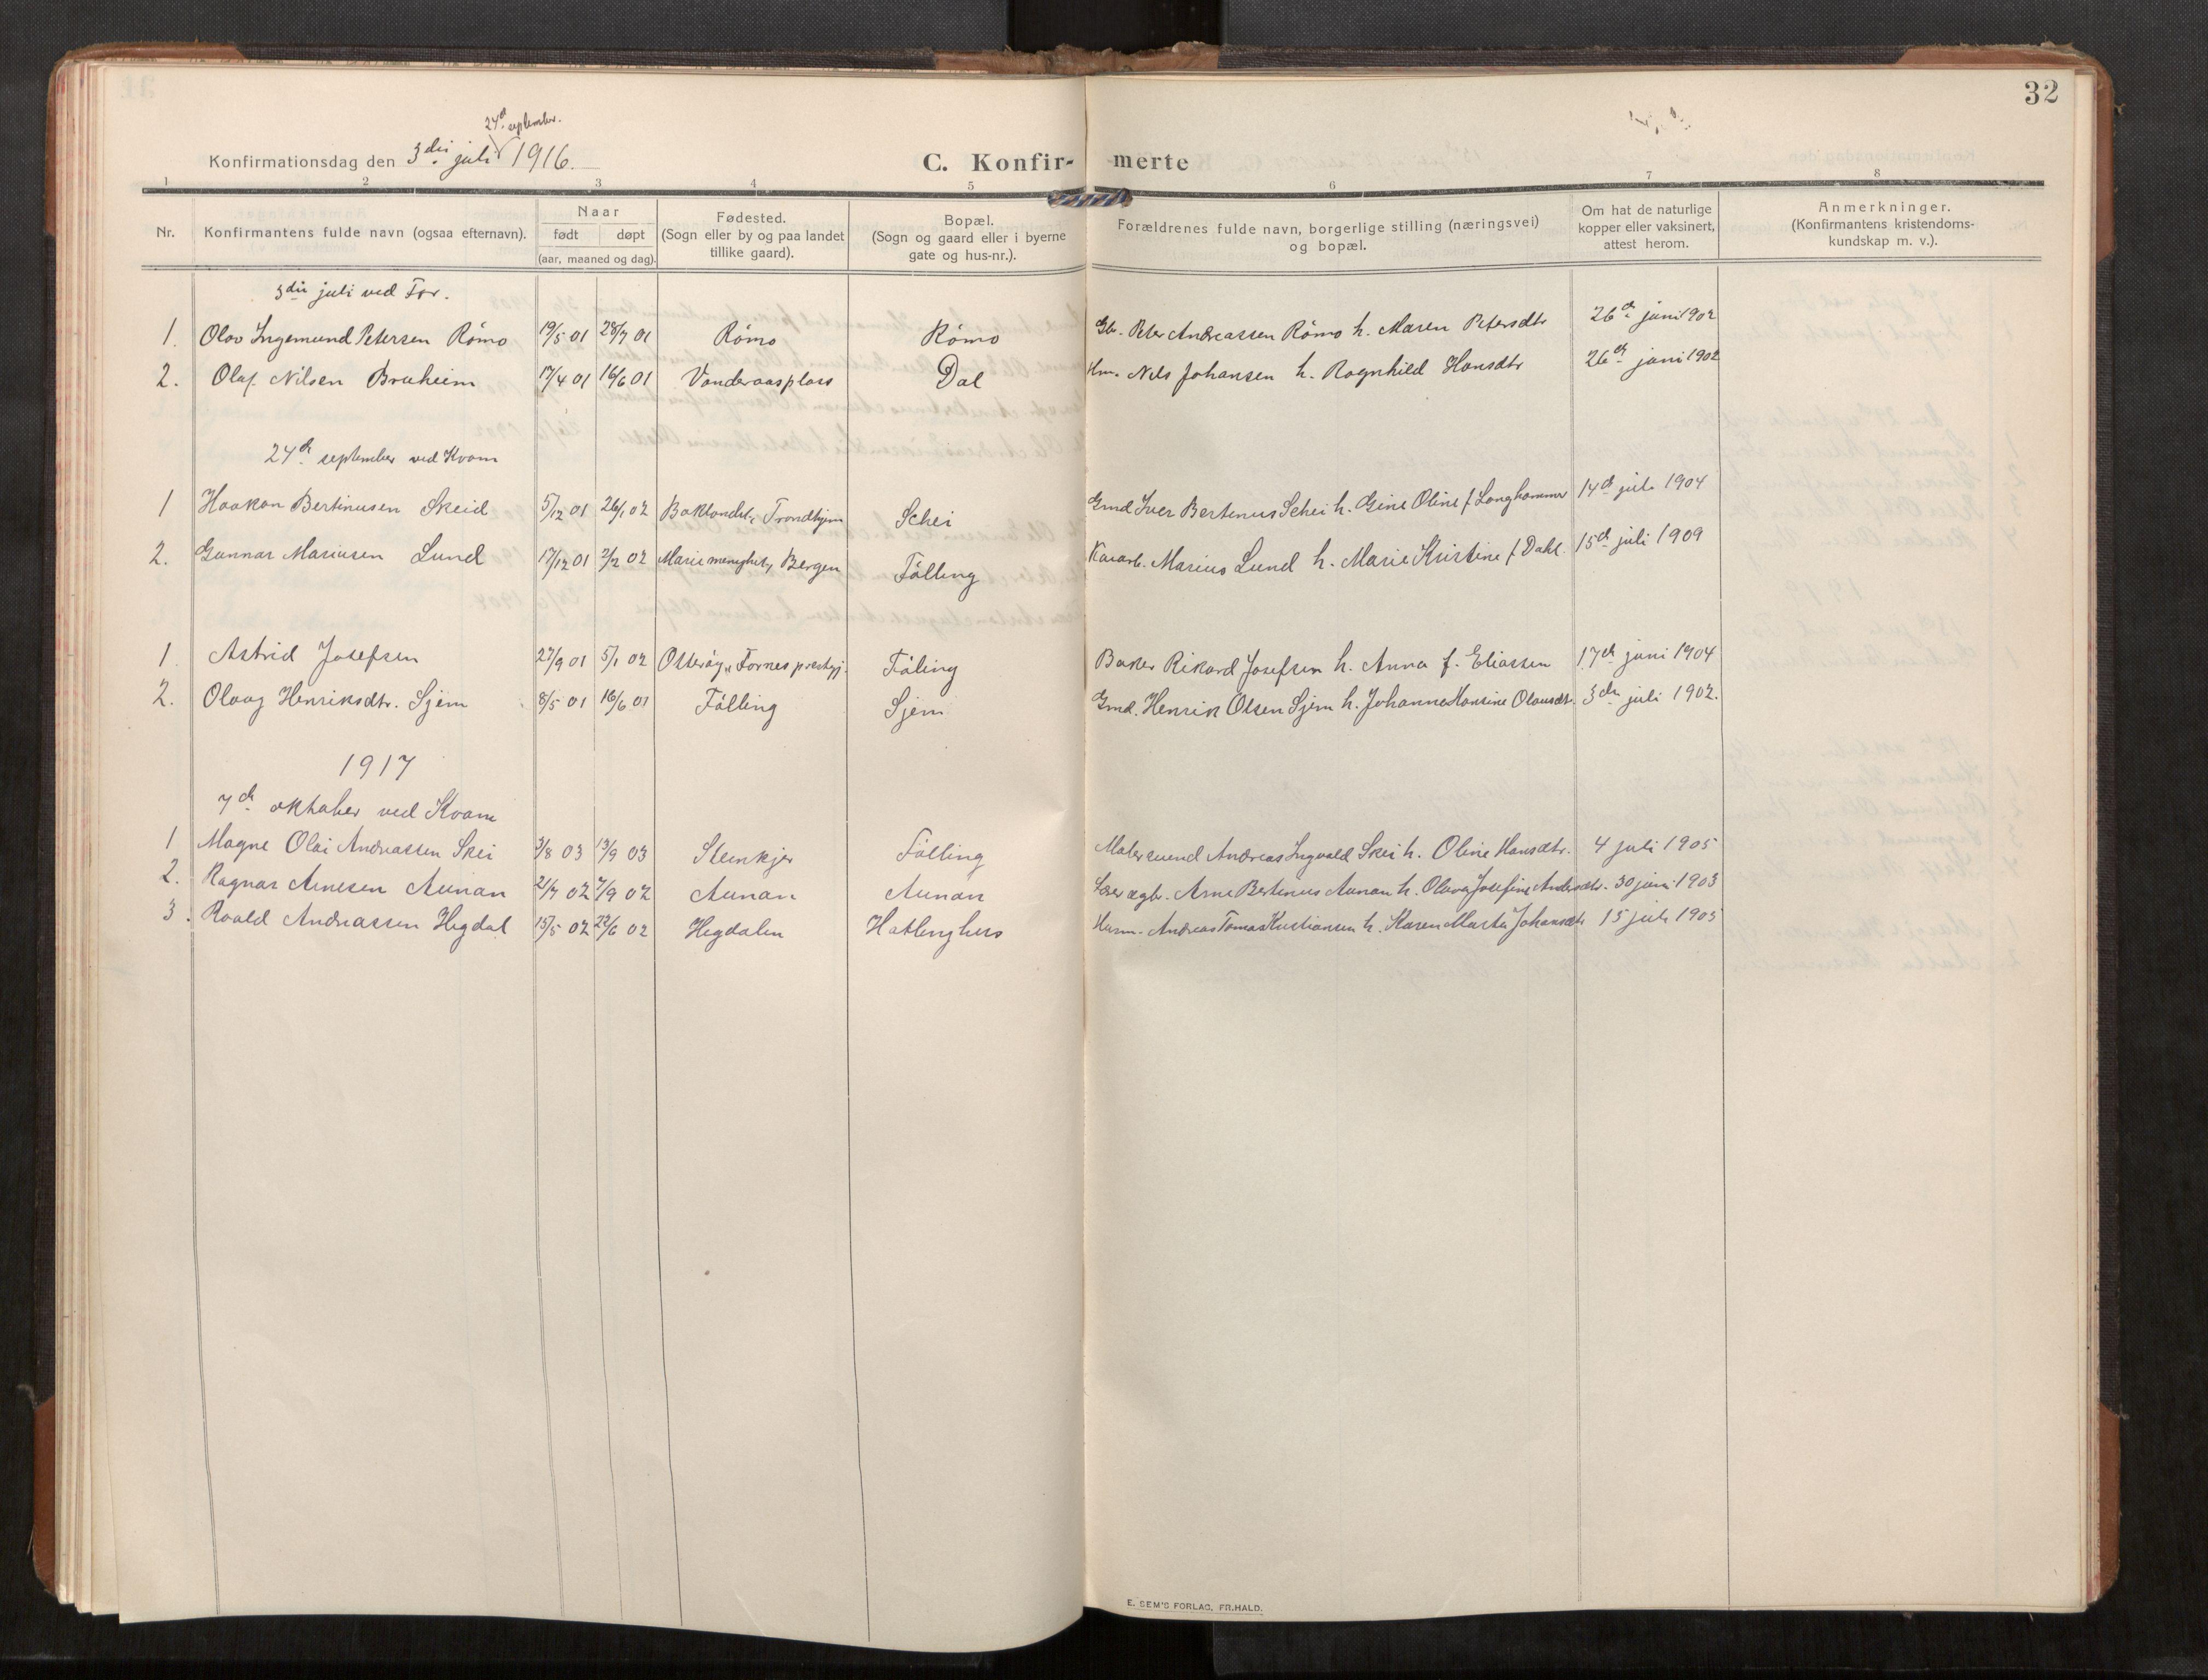 SAT, Stod sokneprestkontor, I/I1/I1a/L0003: Parish register (official) no. 3, 1909-1934, p. 32